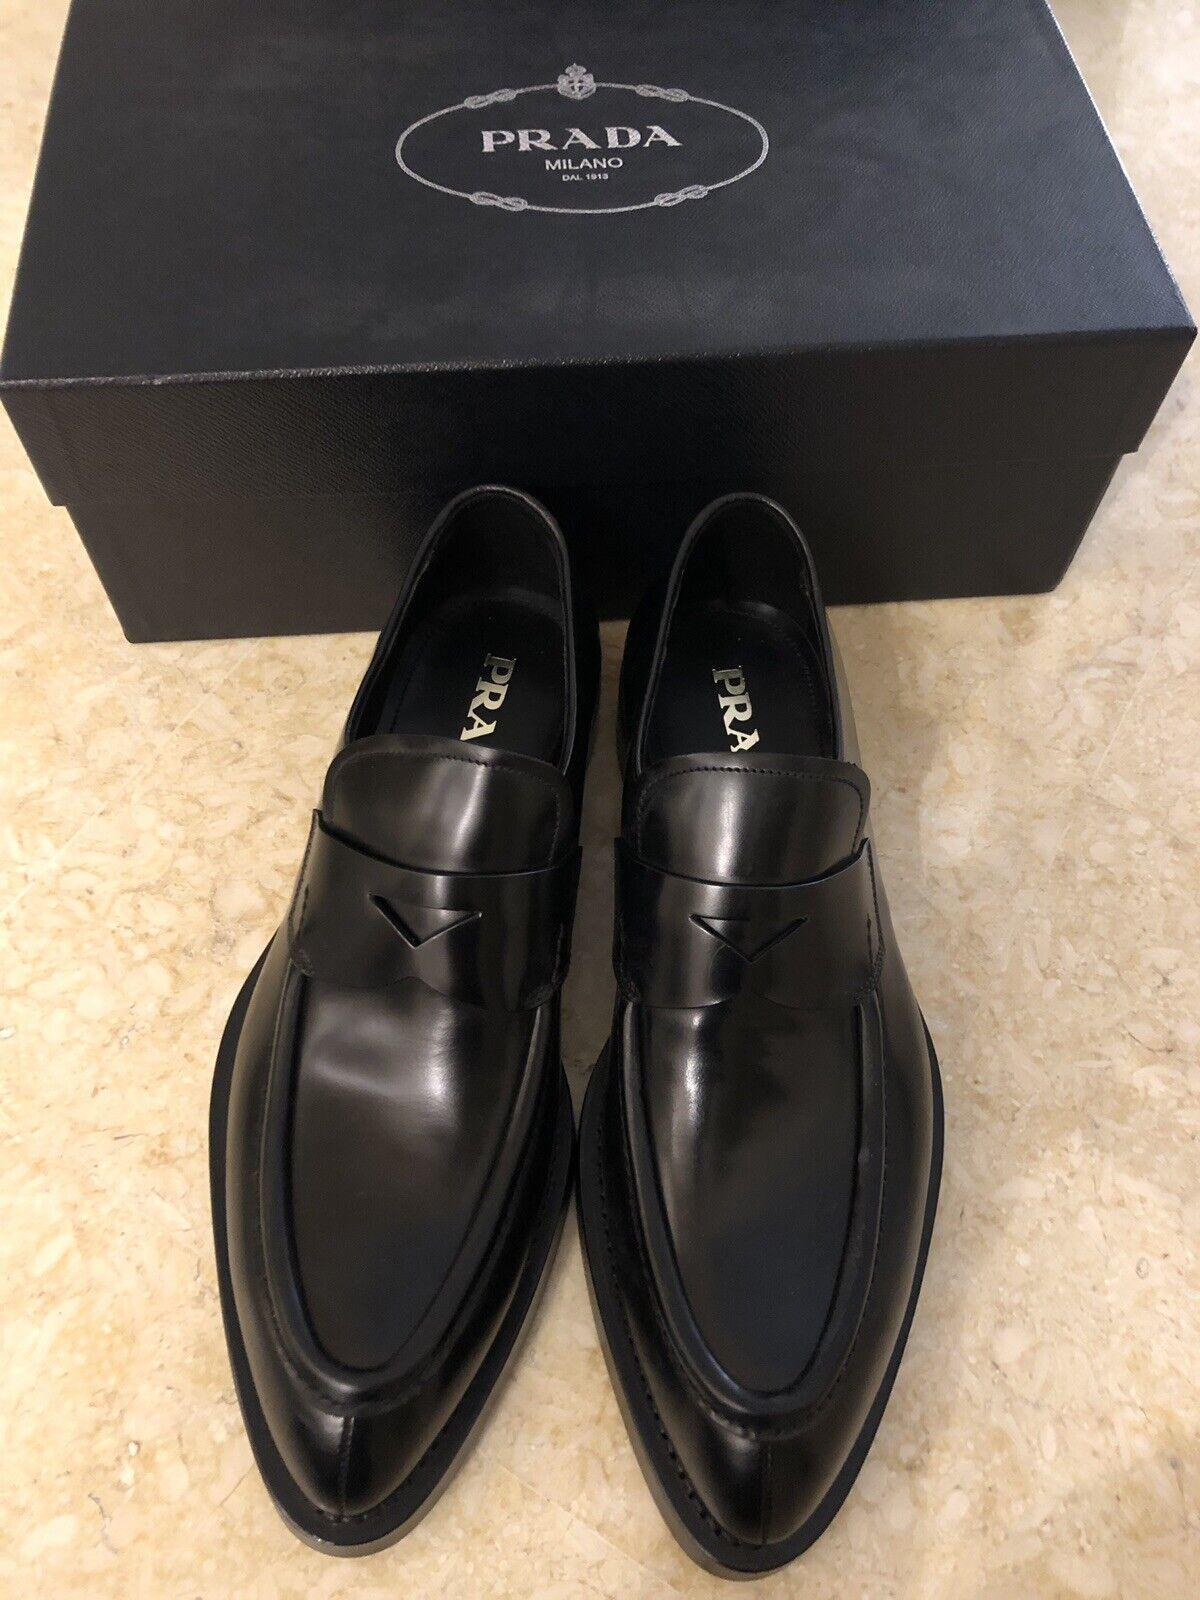 Zapatos Formales Cuero Negro PRADA MILANO BNWB